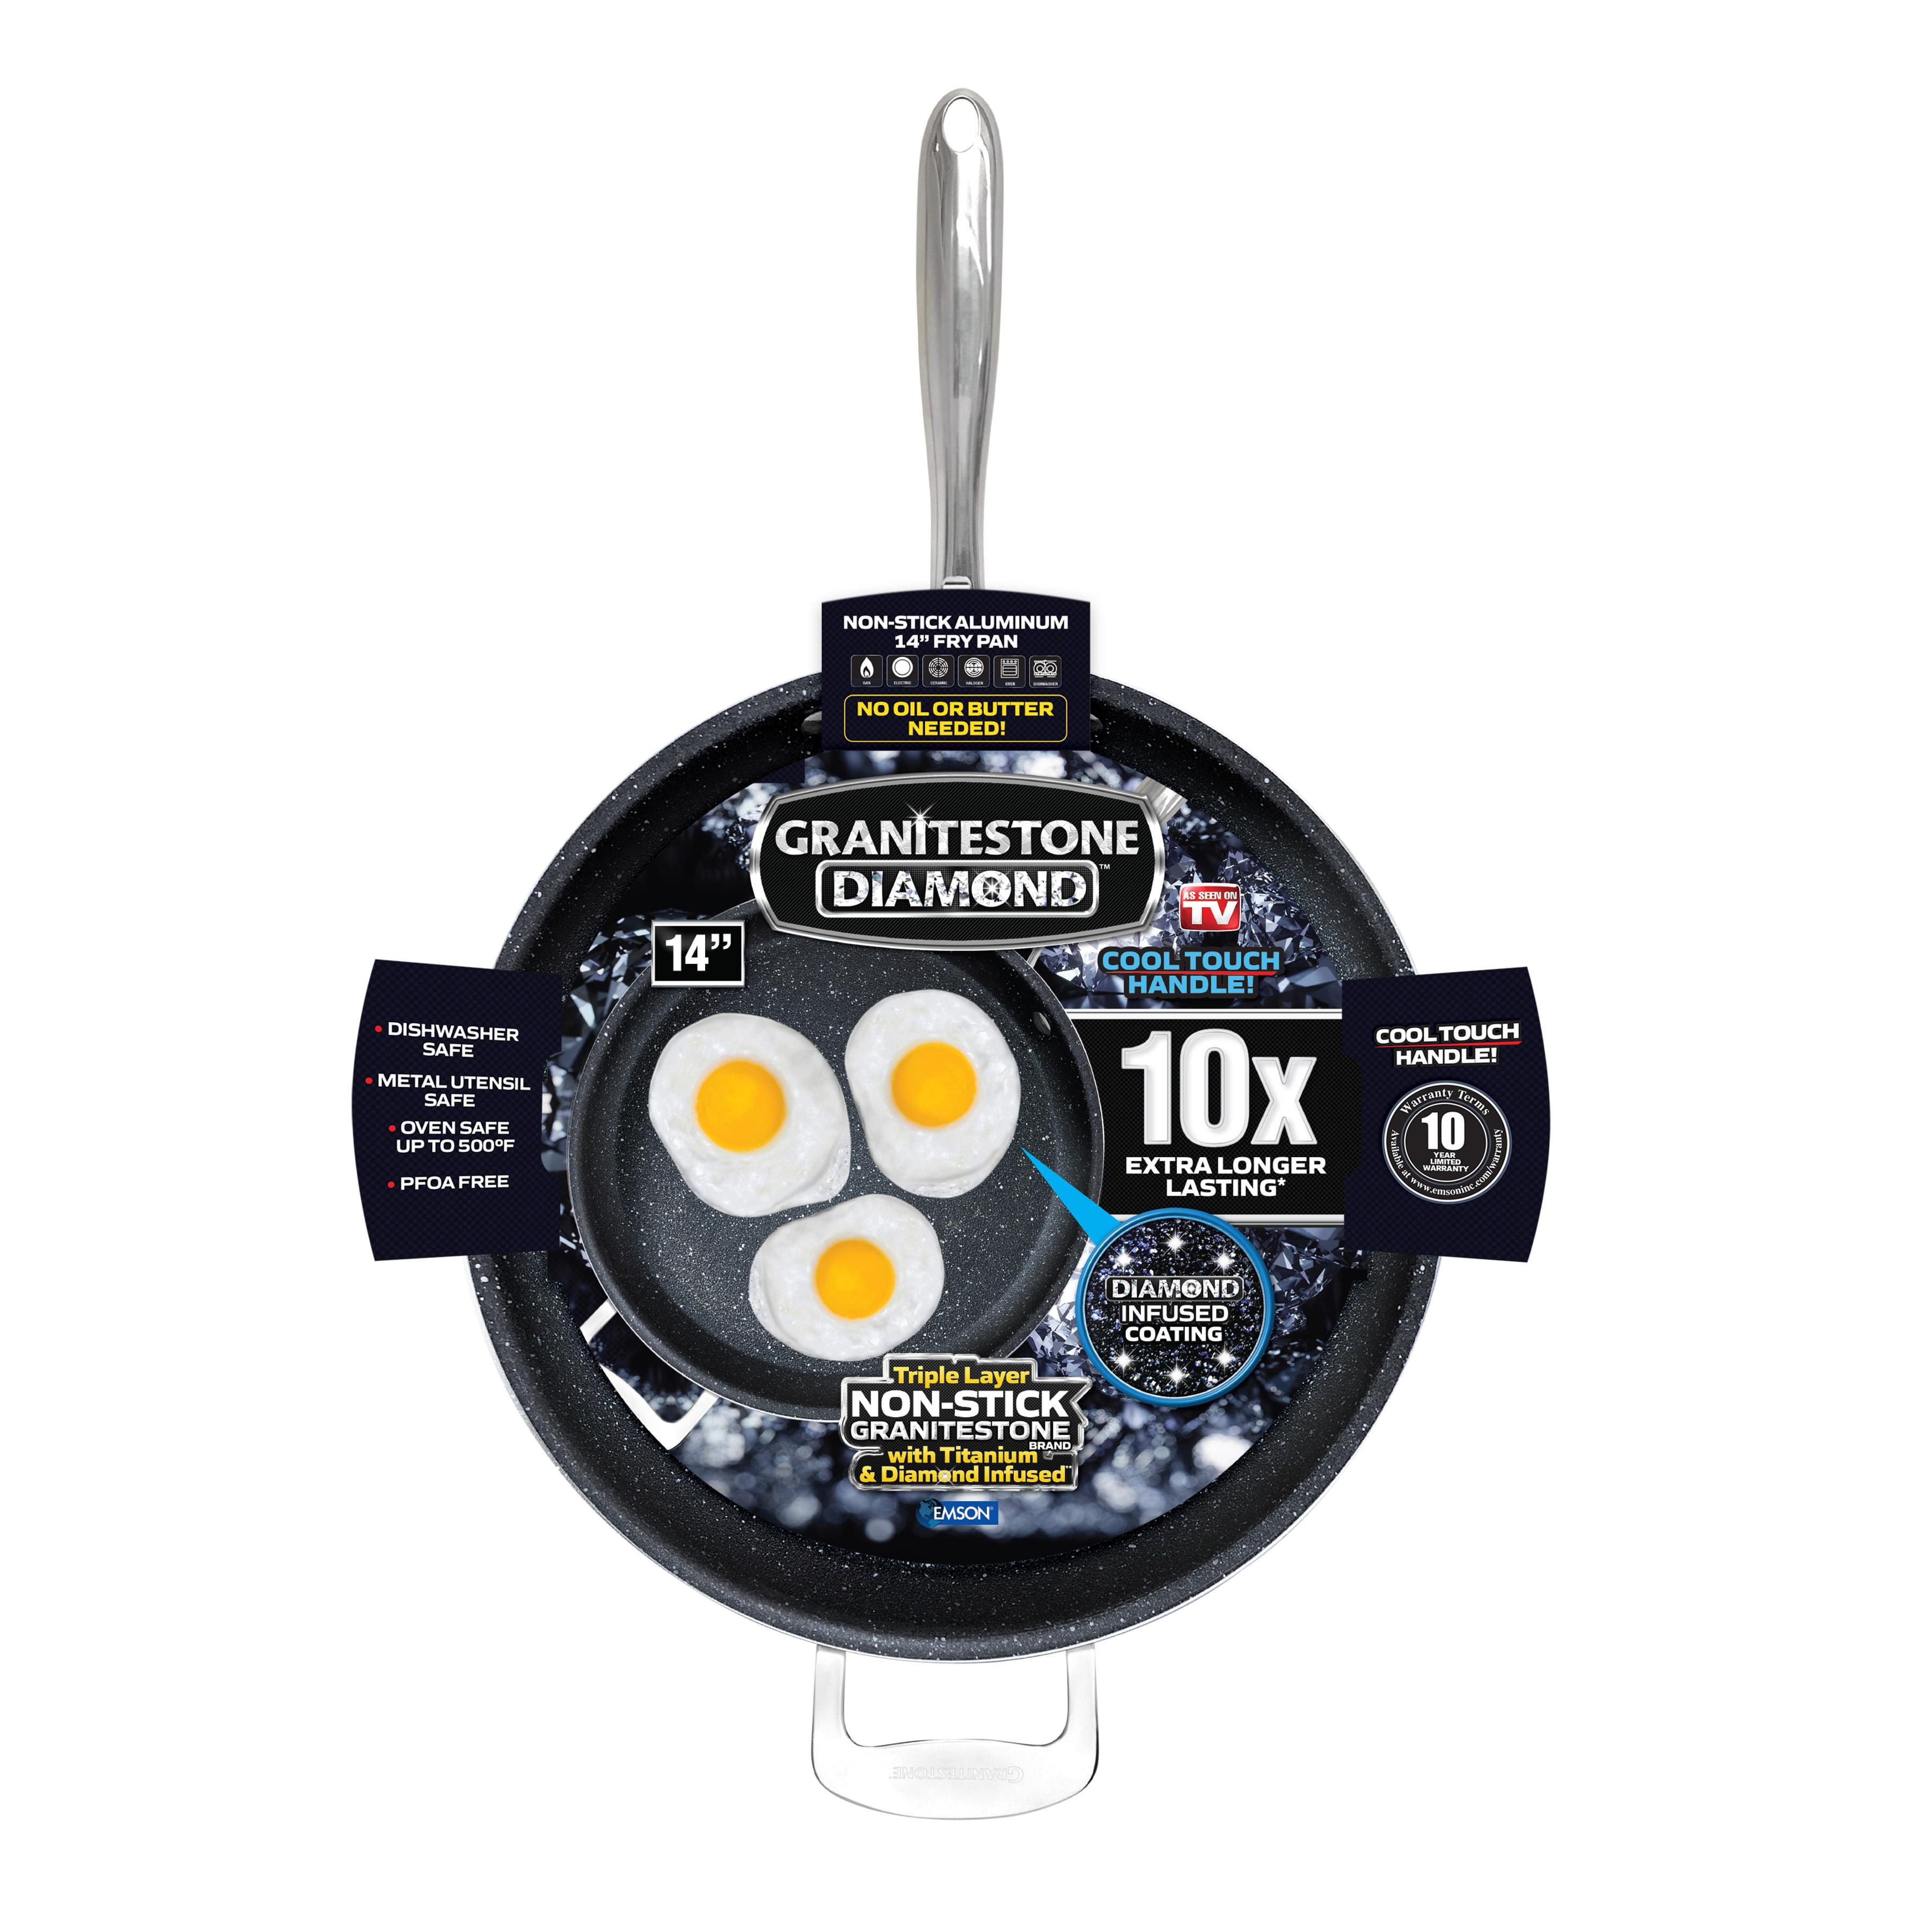 Granitestone 14 inch Fry Pan with Lid 14 Black